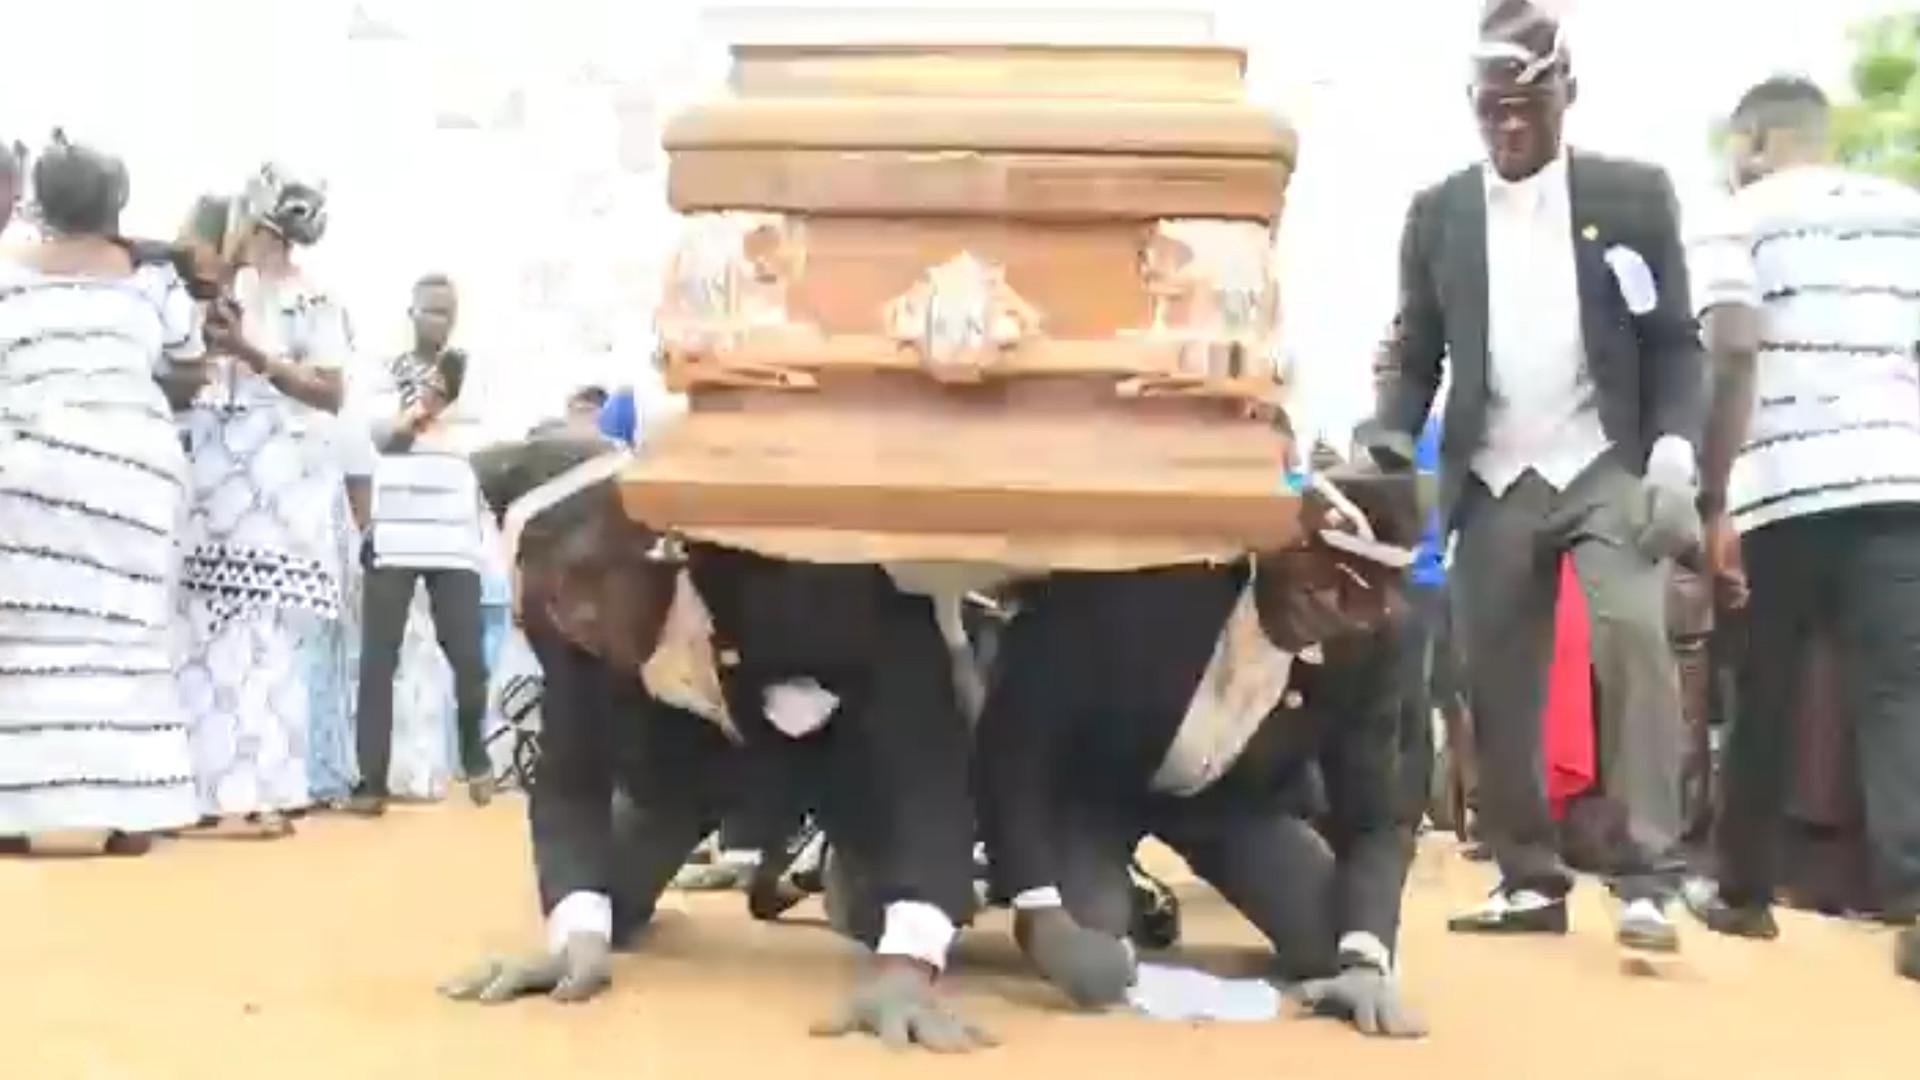 Si hay un entierro original éste en Ghana se lleva la palma 1920